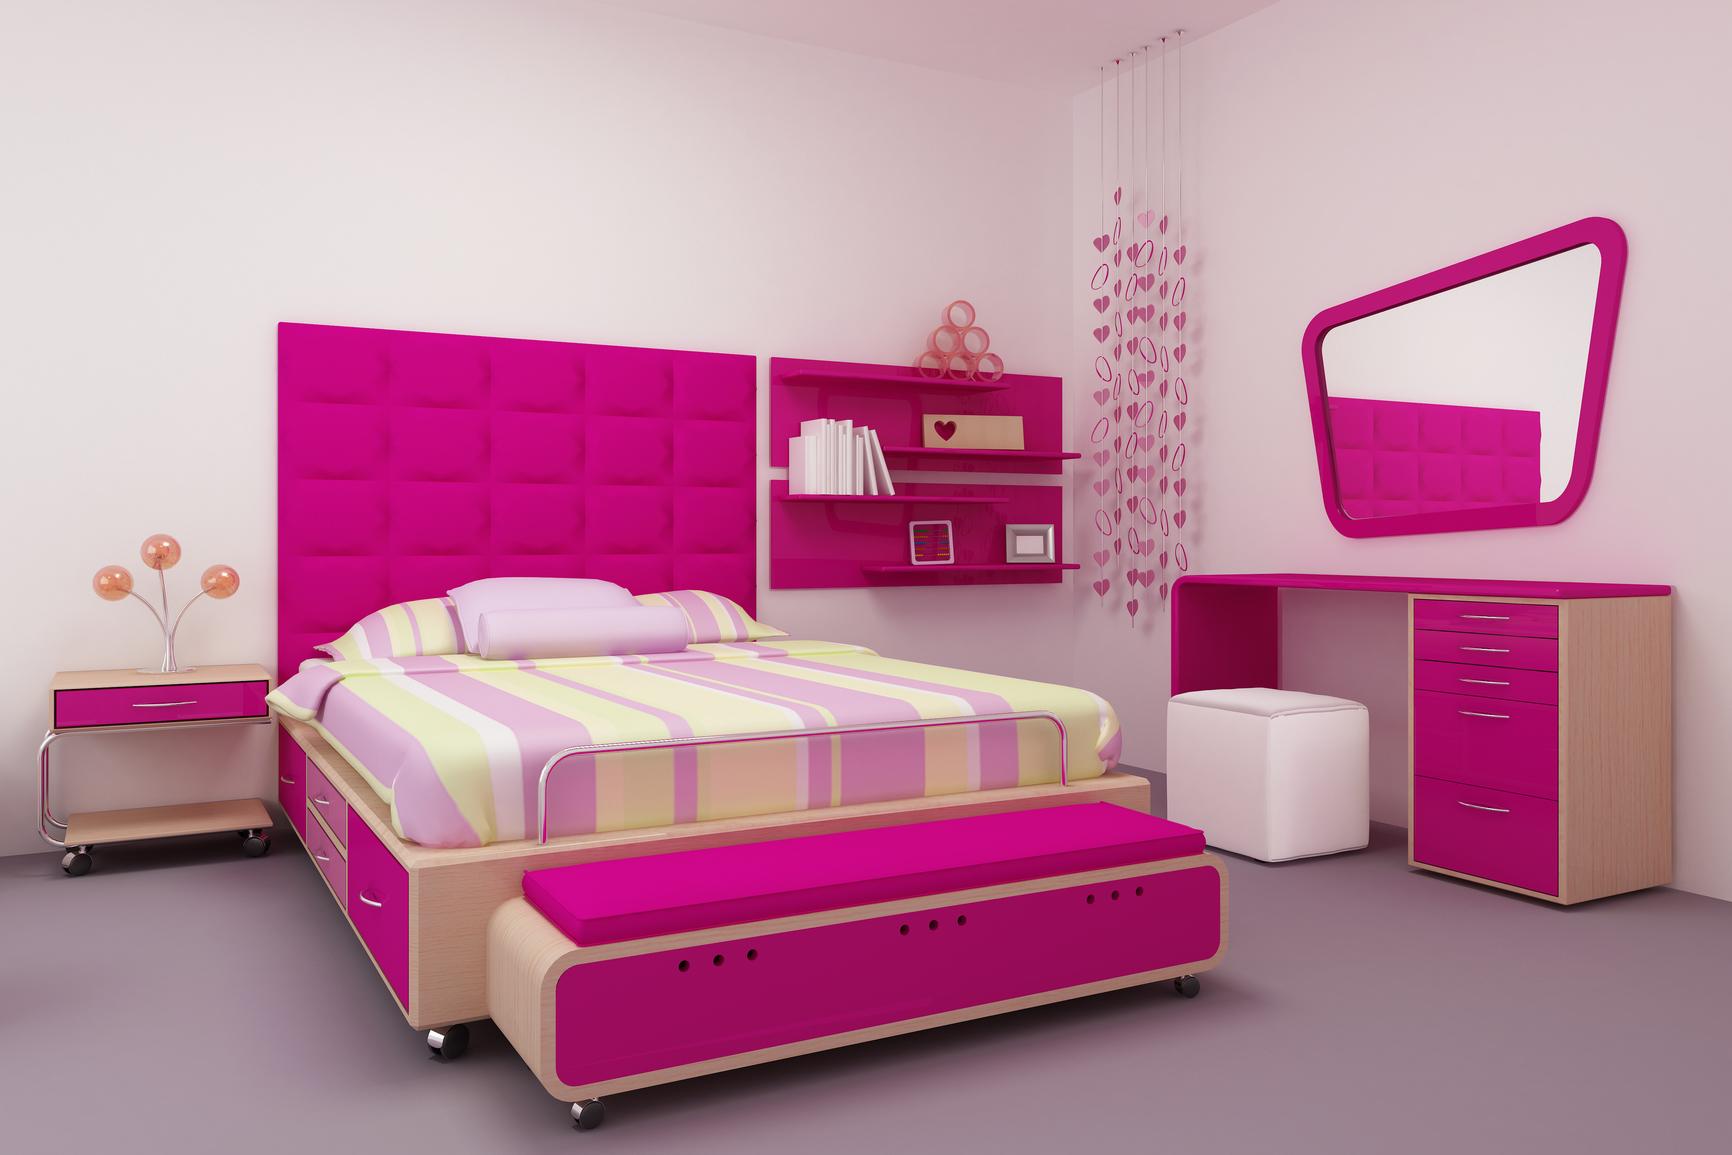 schlafzimmer pink – progo, Schlafzimmer entwurf